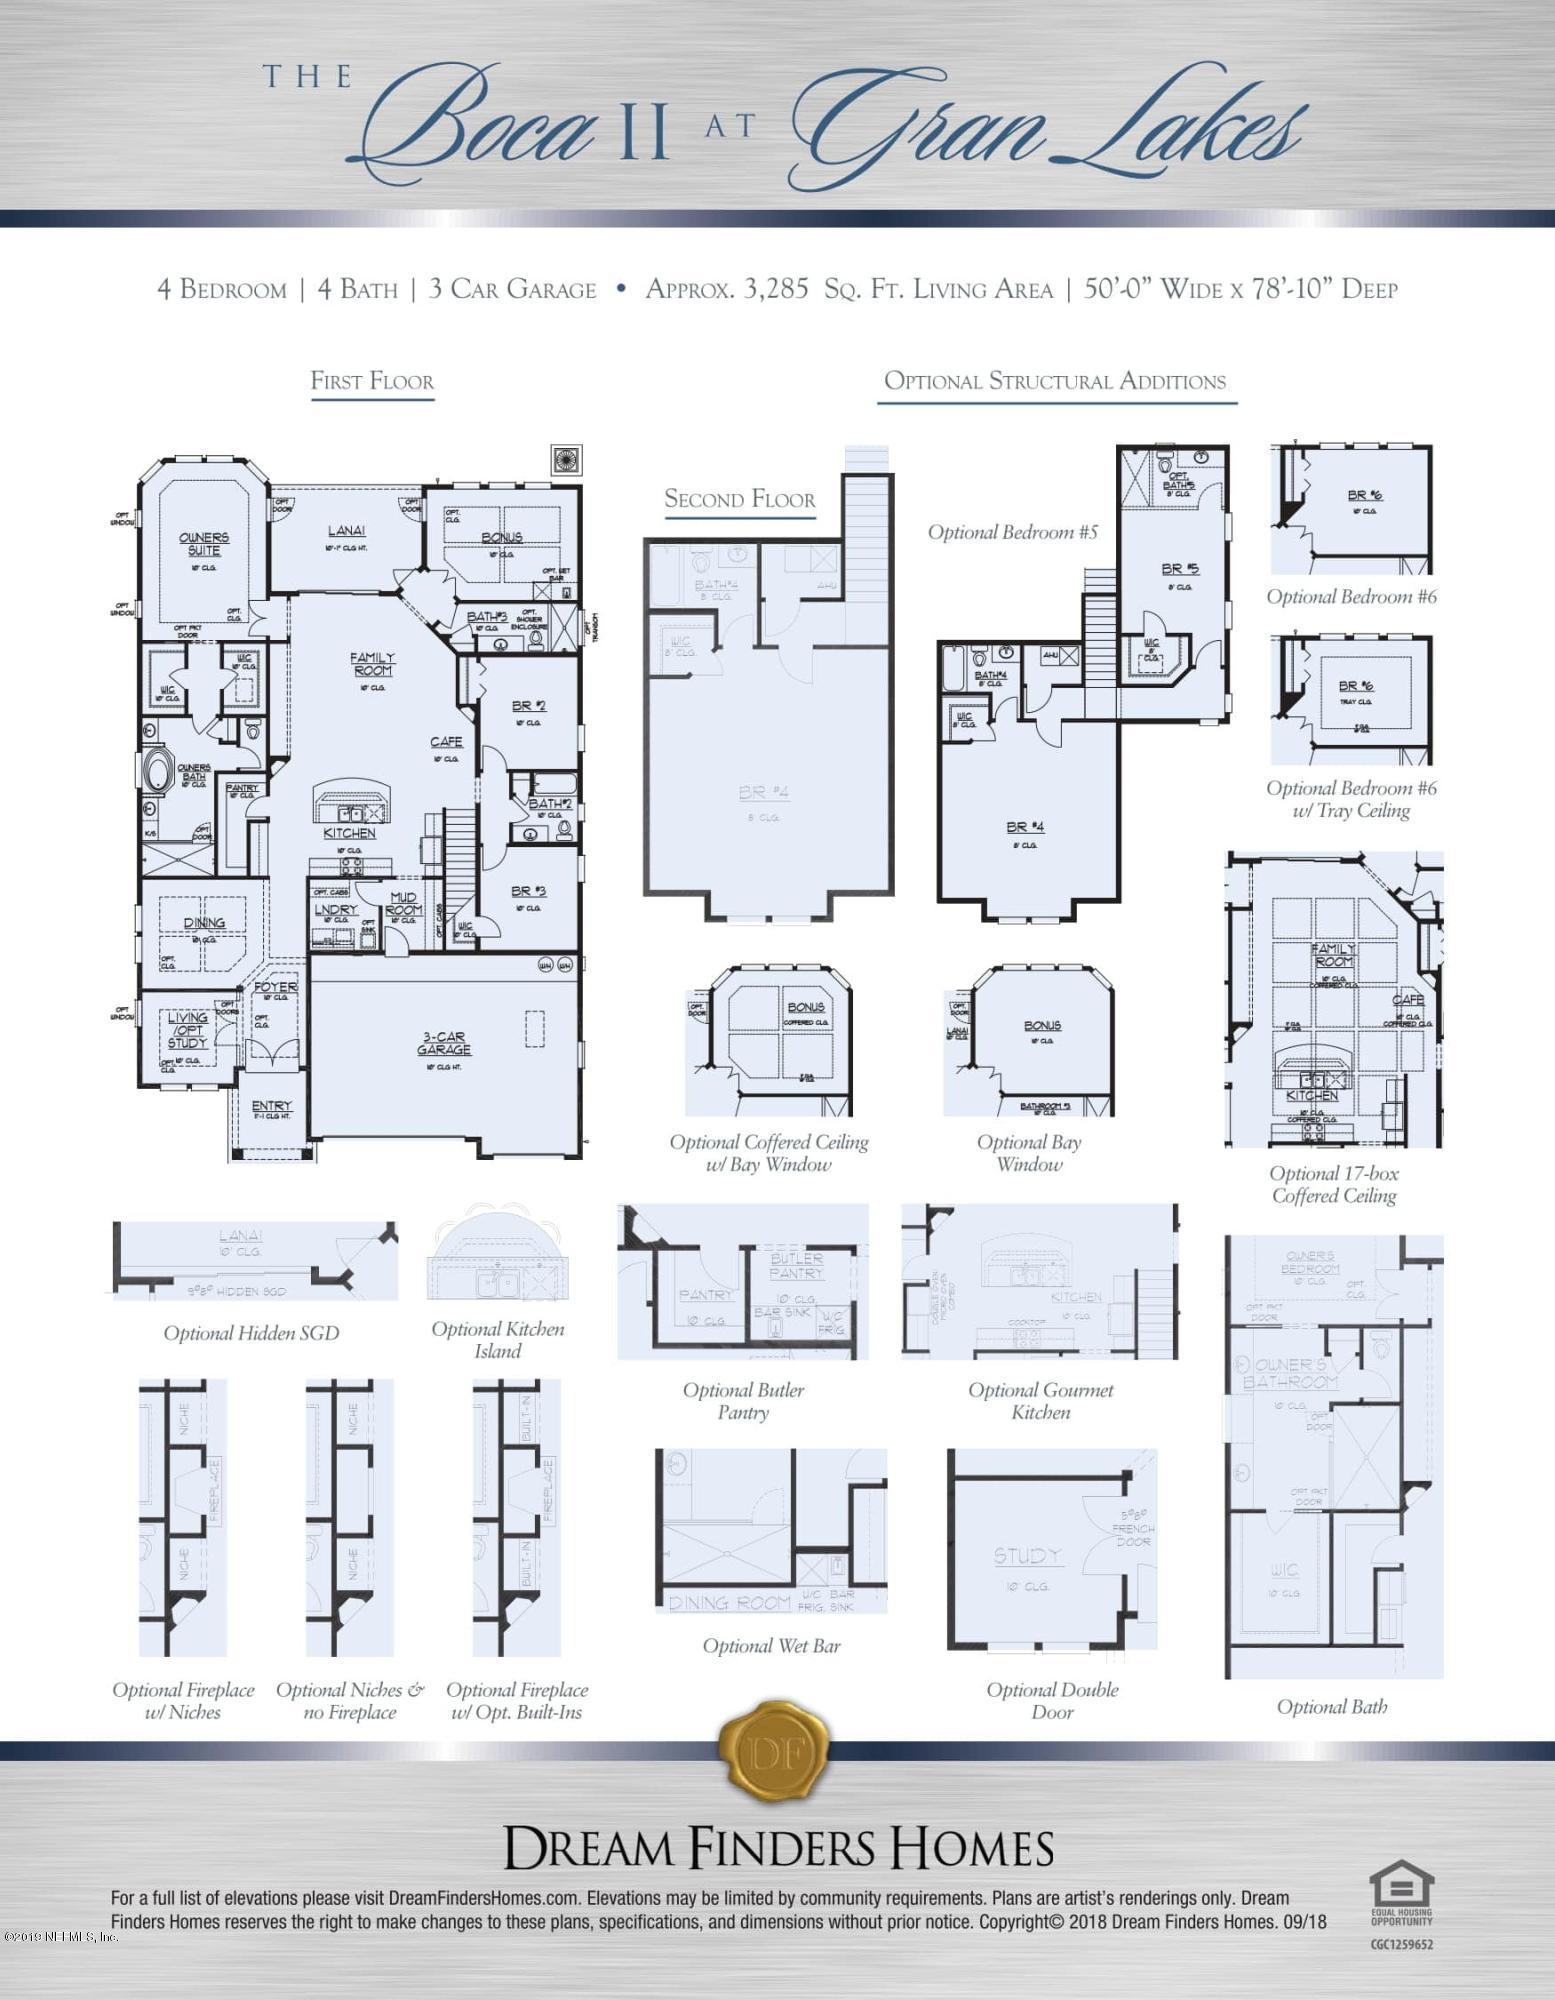 237 CLOVERBANK RD ST AUGUSTINE - 26